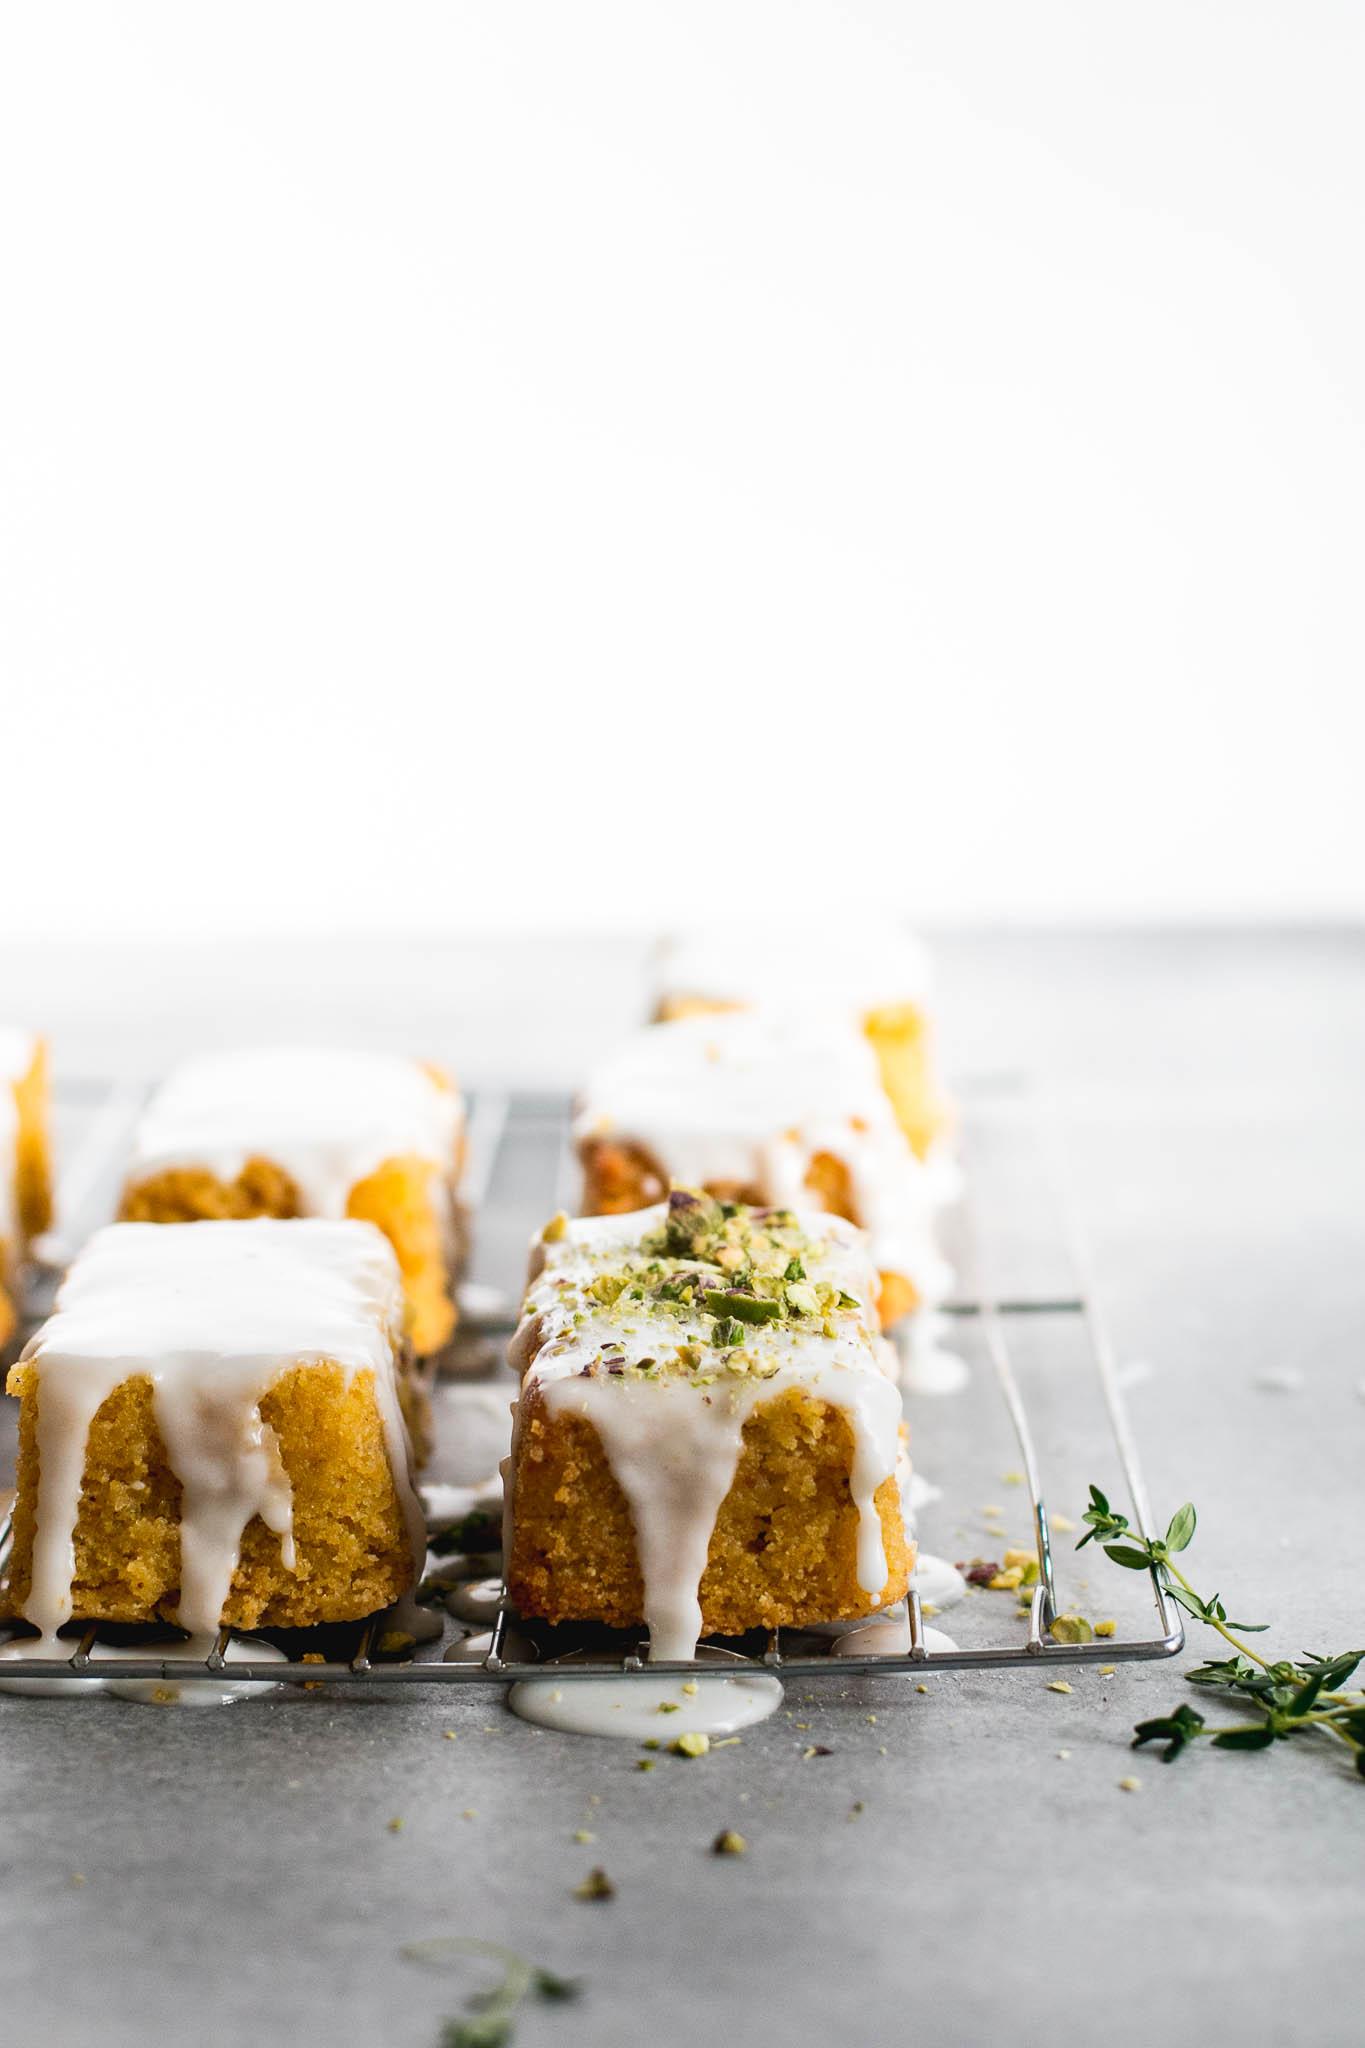 Lemon Polenta & Pistachio Cakes - The Brick Kitchen-12